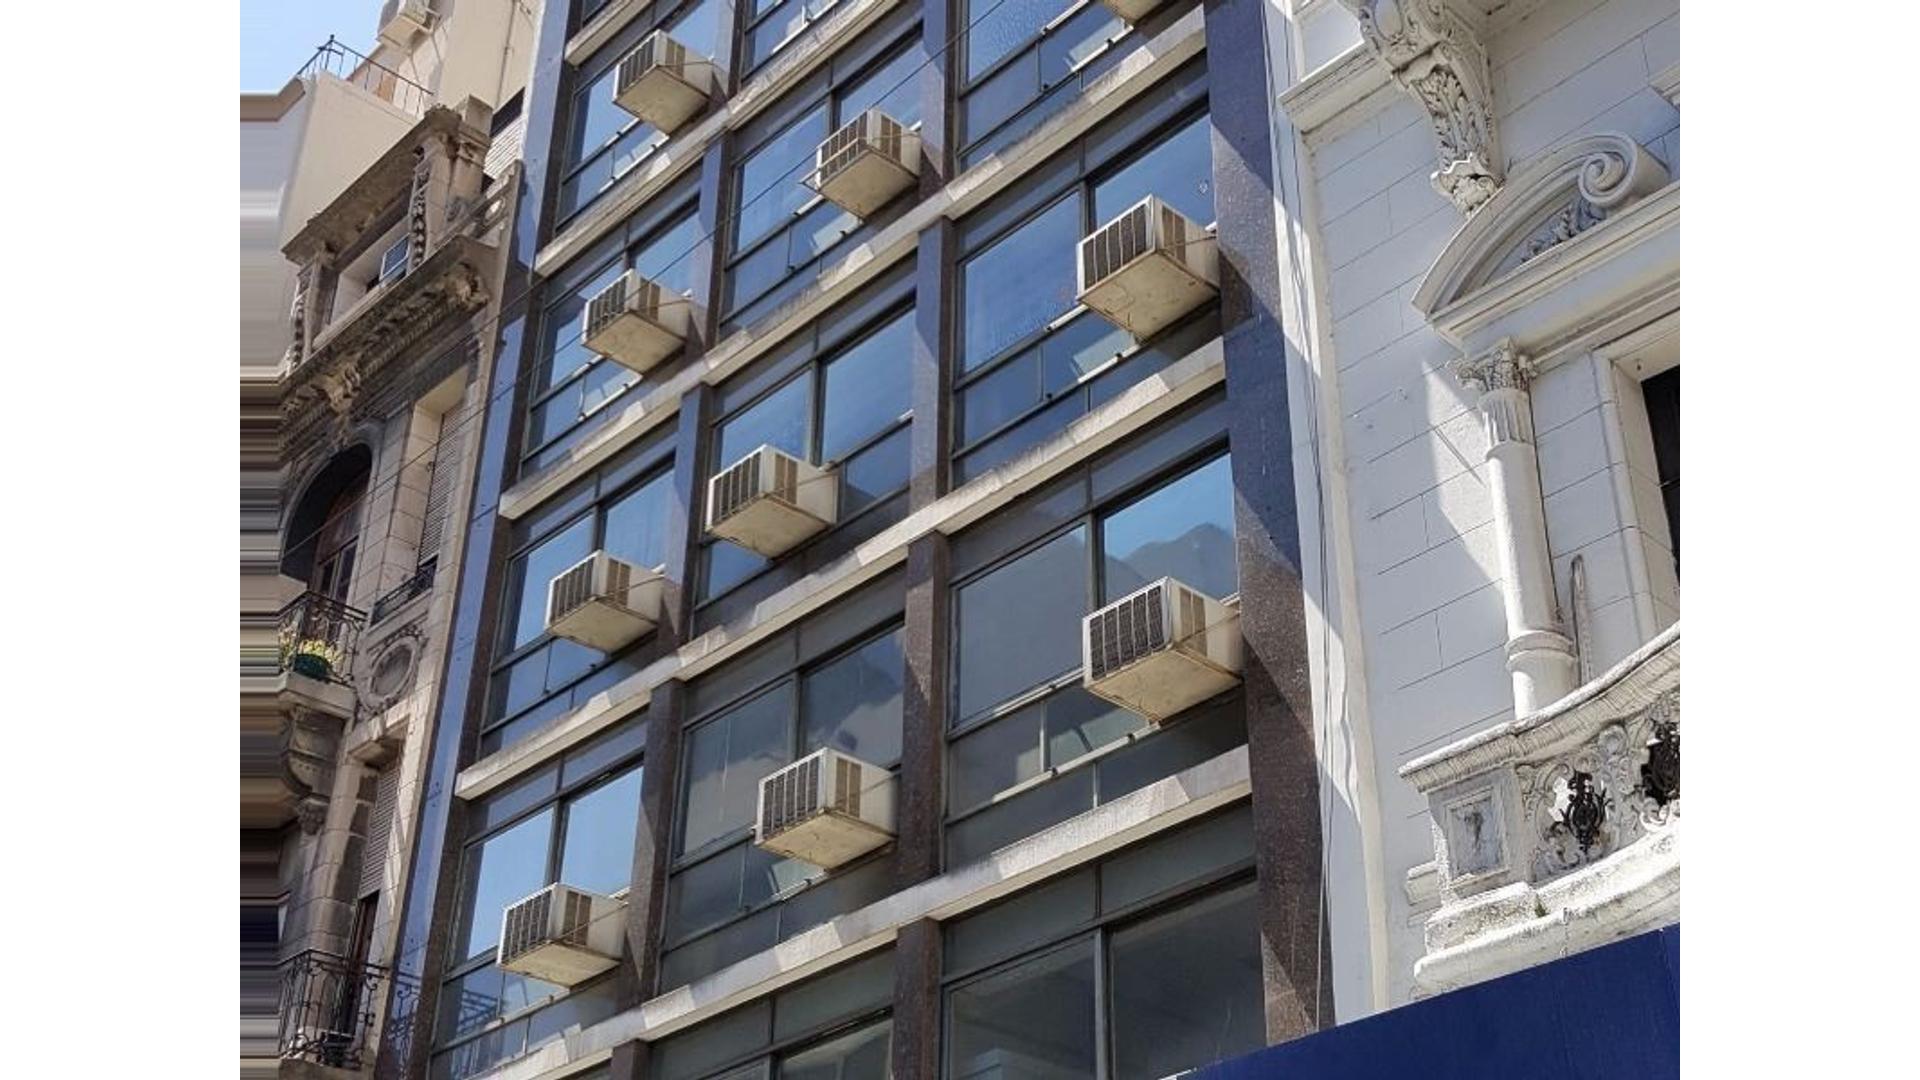 EDIFICIO DE OFICINAS EN BLOCK 4500m - MONSERRAT - OPORTUNIDAD - VALOR us$ INIMAGINABLE por m2